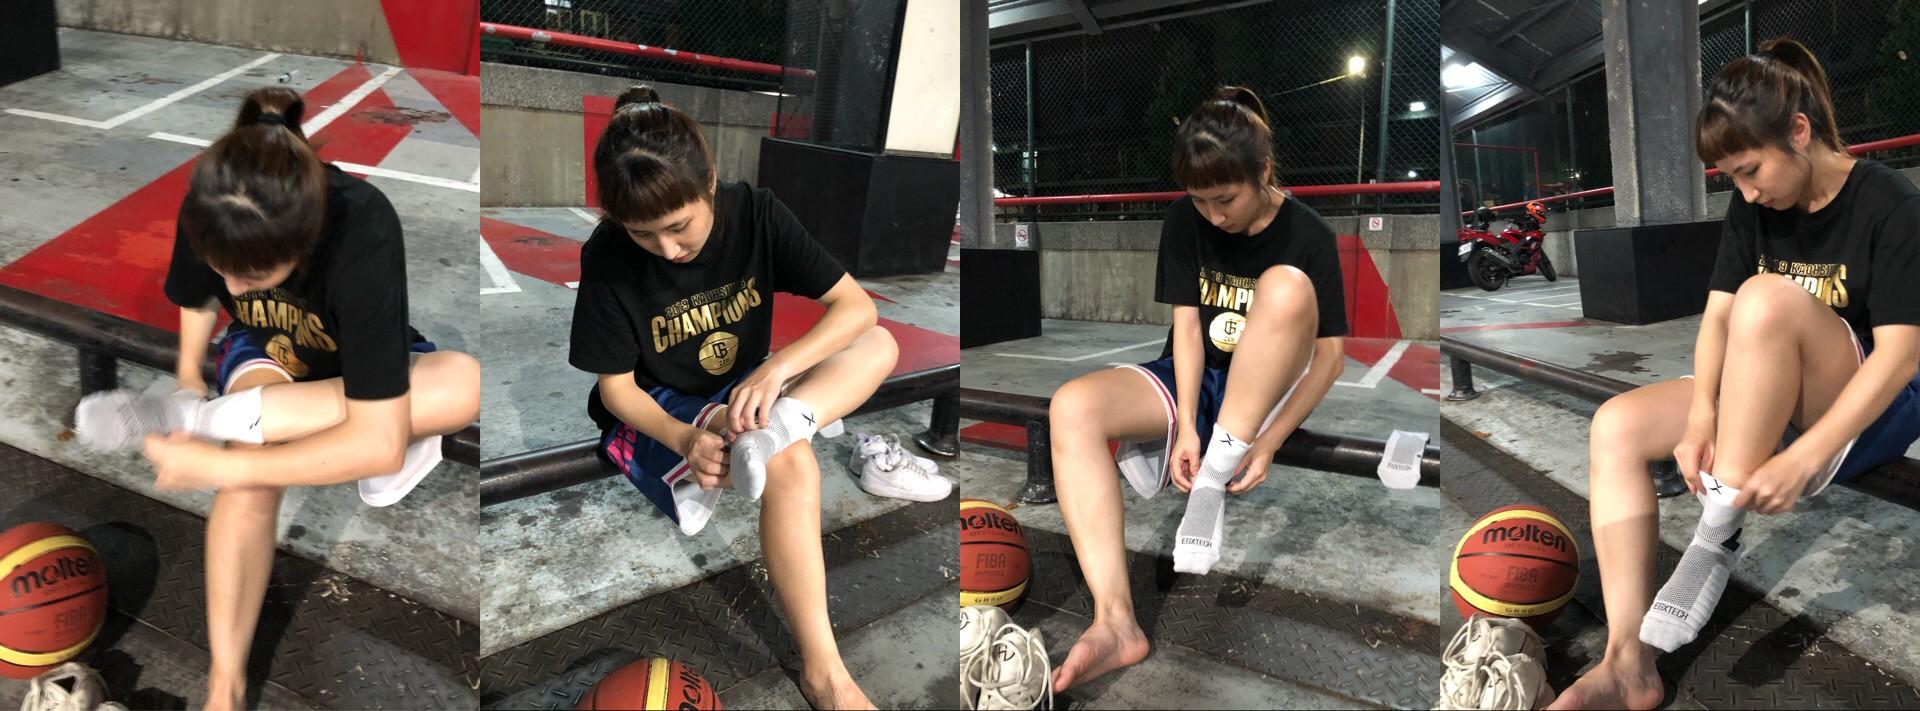 日前,在朋友輾轉的介紹下認識了EGX的這款「P82I中筒籃球繃帶襪」,也就是EGX衣格服飾很有名的「8字繃帶襪」系列產品之一,這款襪子特別的地方是它利用編織技術造成壓力差,以達到「八字纏白貼」的效果。